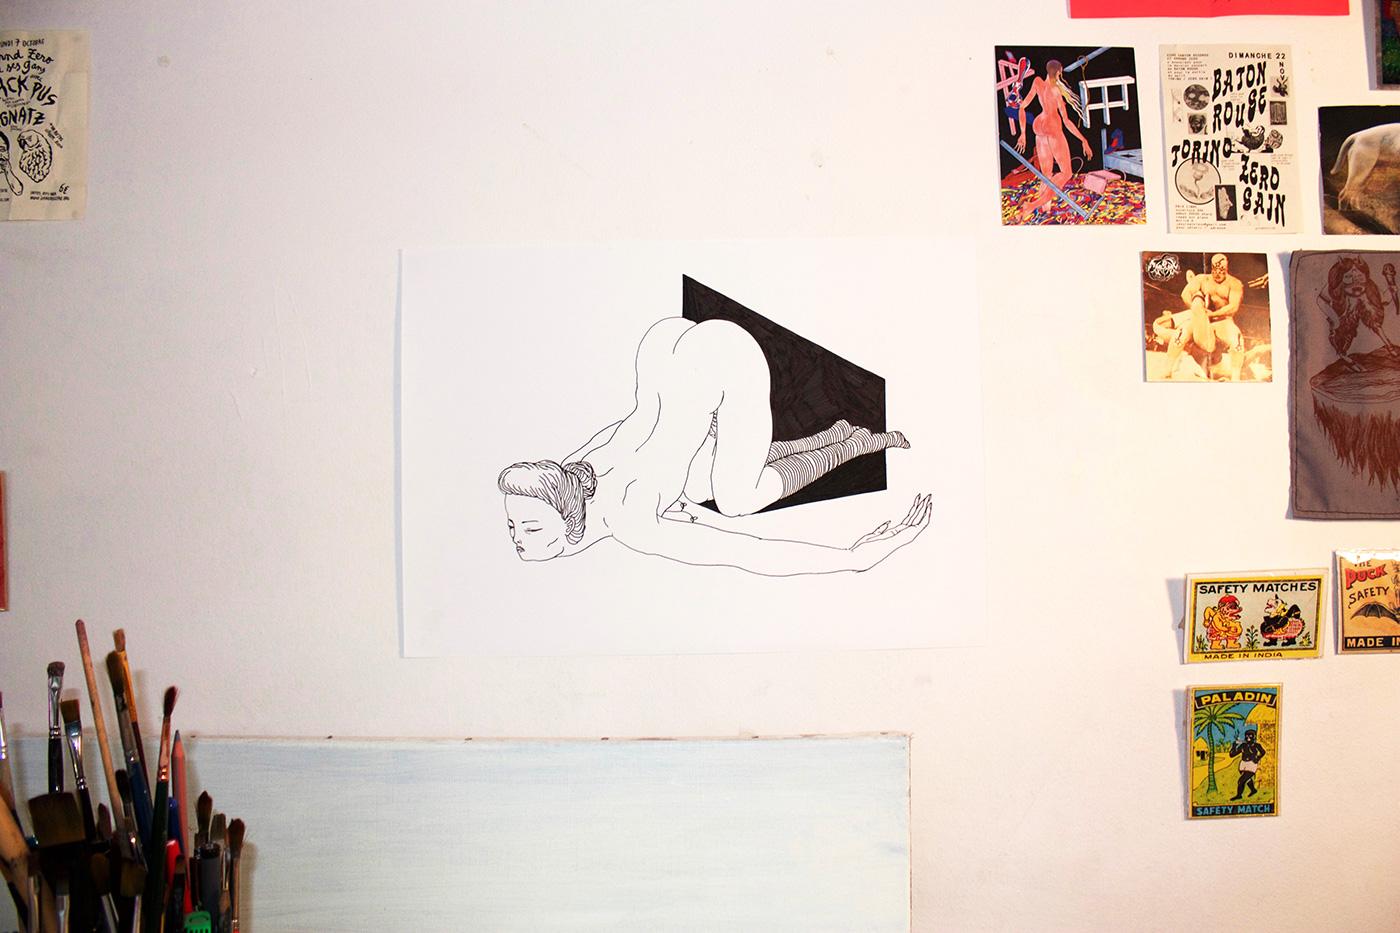 tegninger, figurative, illustrative, monokrome, portræt, kroppe, stemninger, seksualitet, sorte, hvide, artliner, papir, sort-hvide, erotiske, nøgenhed, seksuel, Køb original kunst af den højeste kvalitet. Malerier, tegninger, limited edition kunsttryk & plakater af dygtige kunstnere.